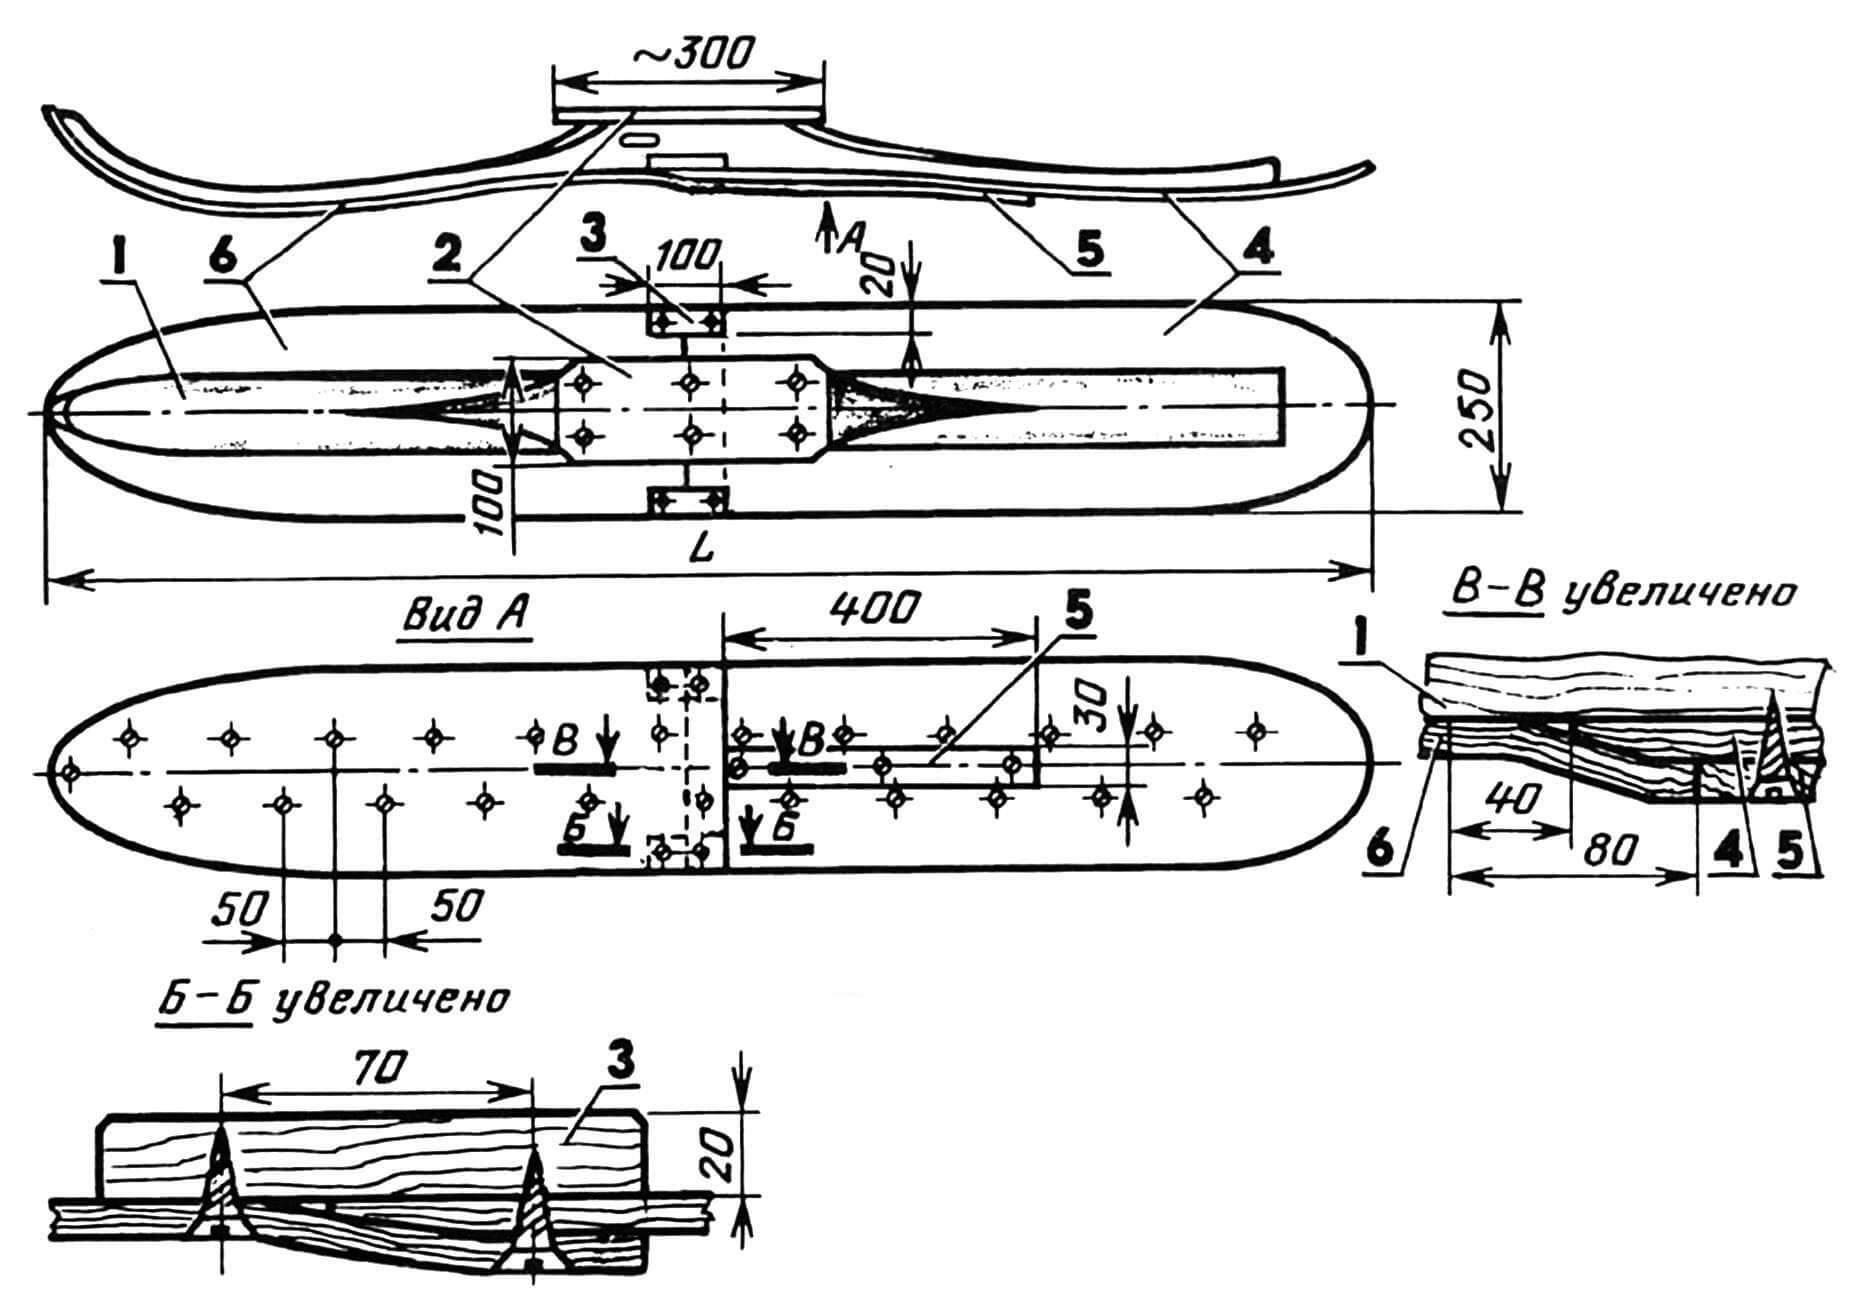 Лыжи-вездеходы: 1 — старая лыжа, 2 — накладка (фанера, s6...8), 3 — ограничитель, 4 — задний лист (фанера, S3...5), 5 — планка, 6 — передний лист (фанера, S3...5).